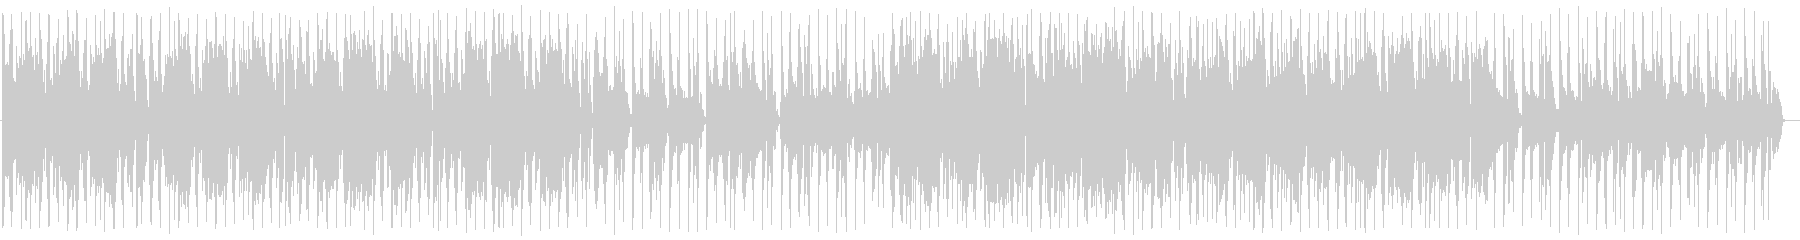 怪しい/生演奏/R&B_No540の未再生の波形